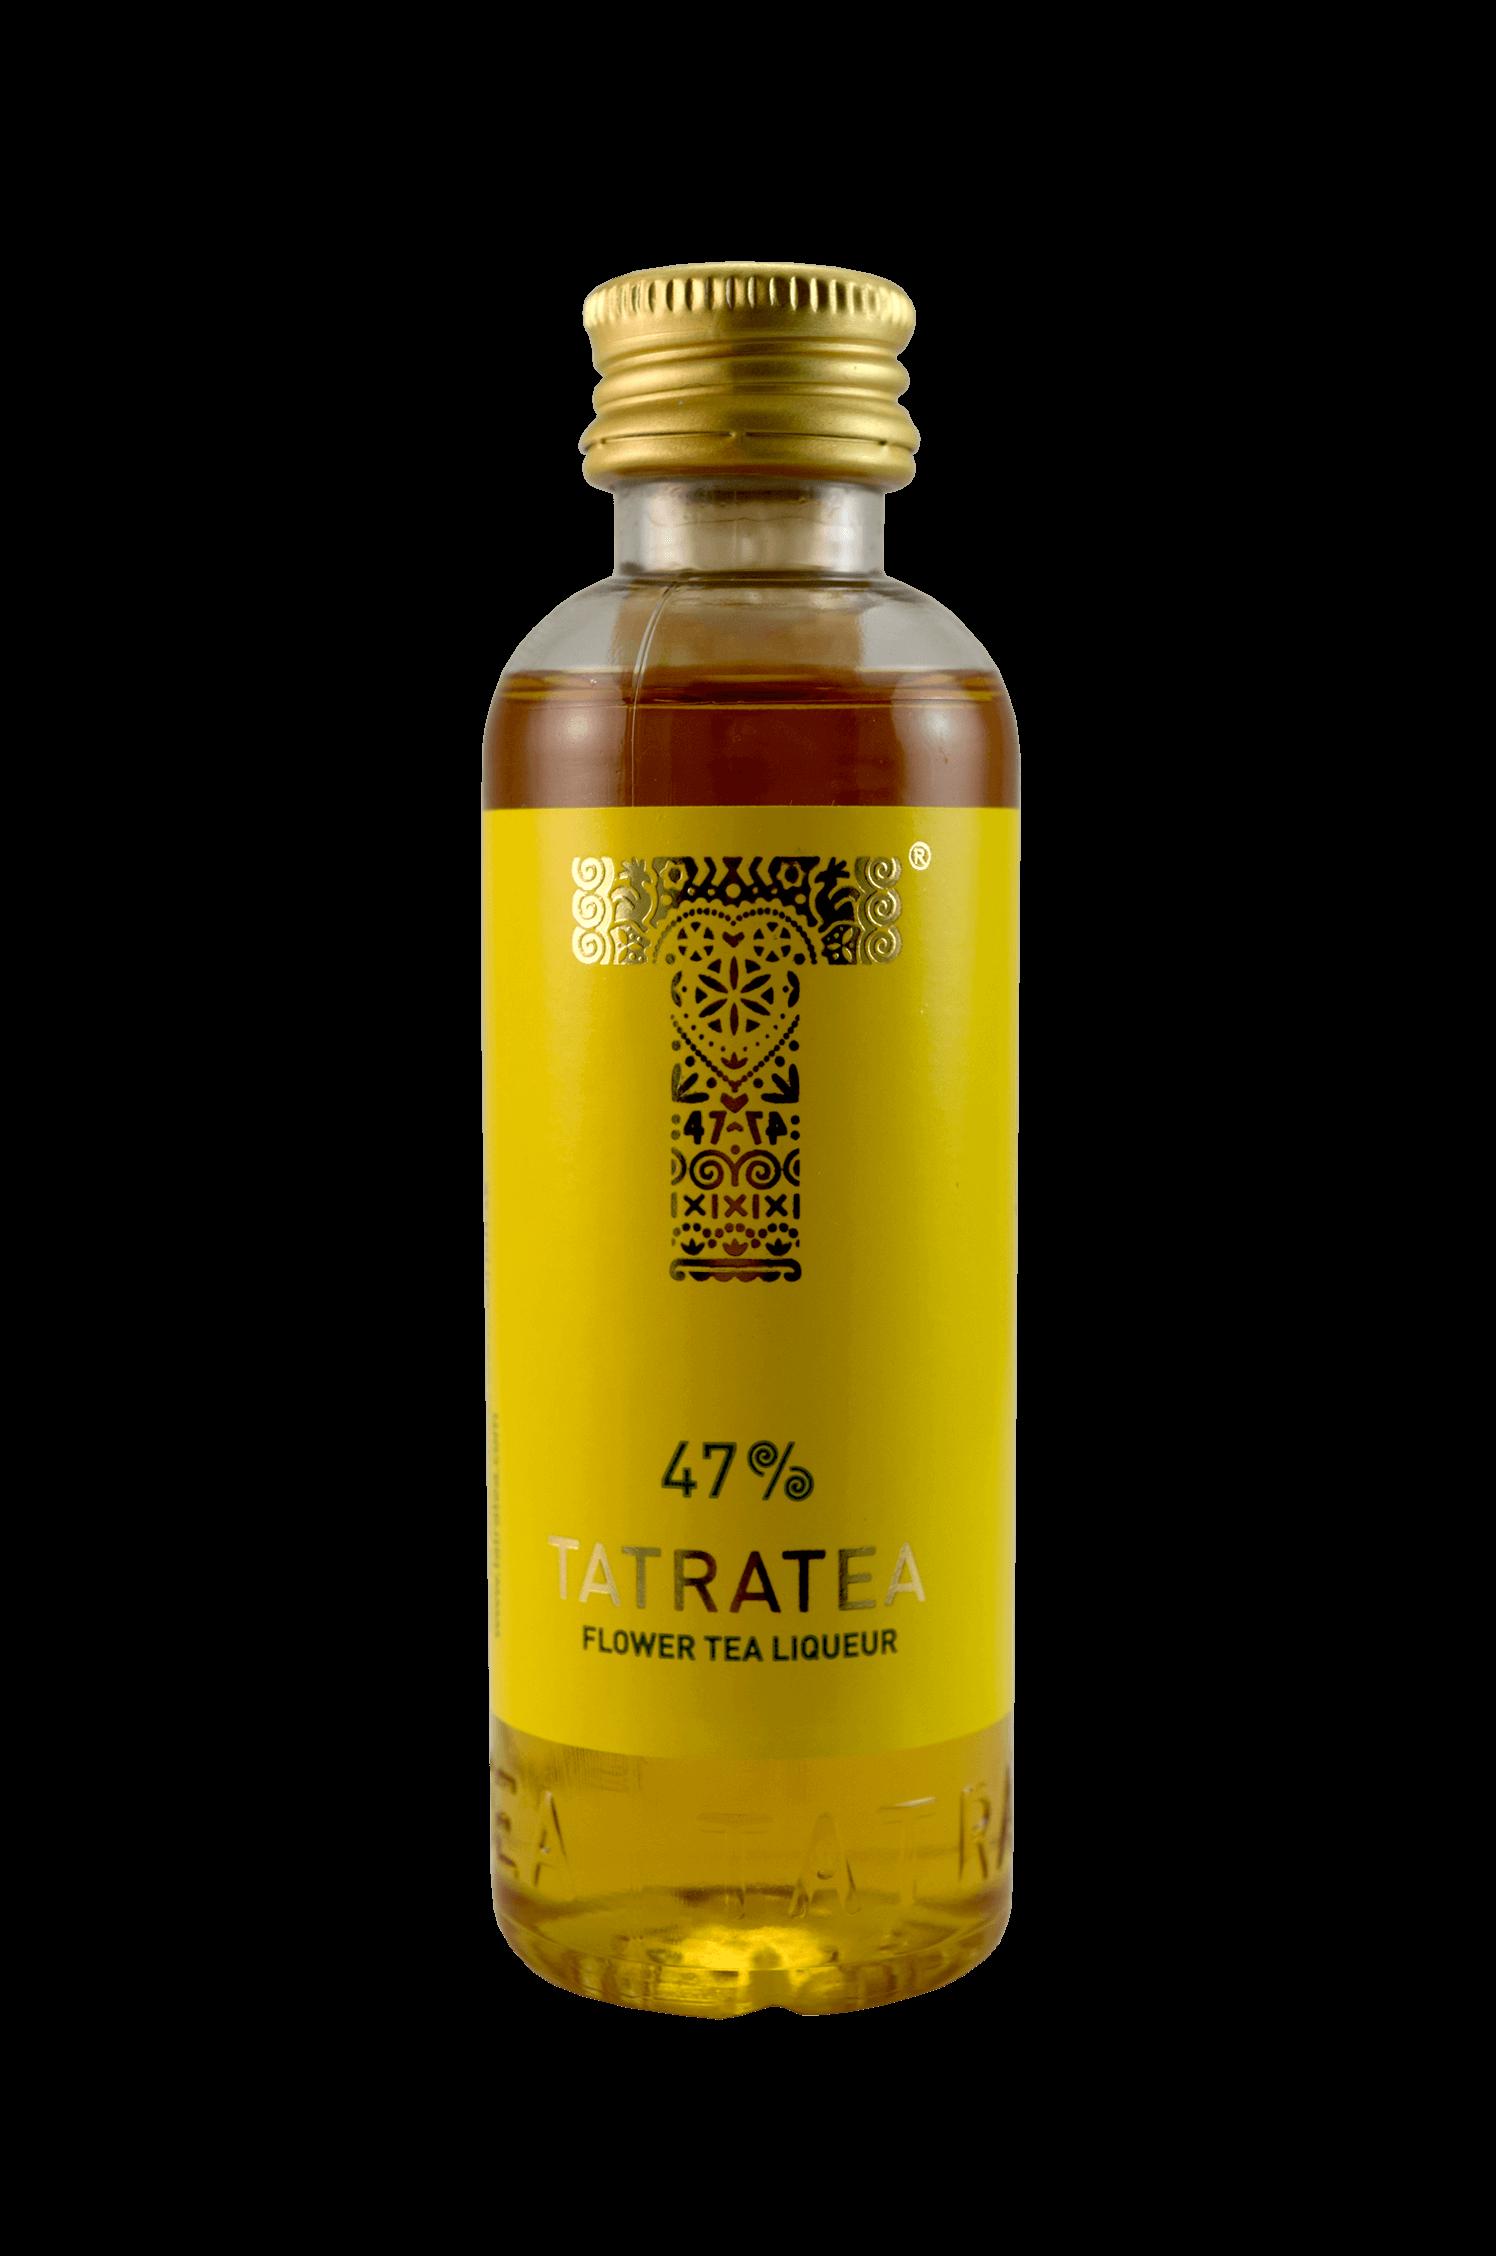 Tatratea Flower Tea Liqueur